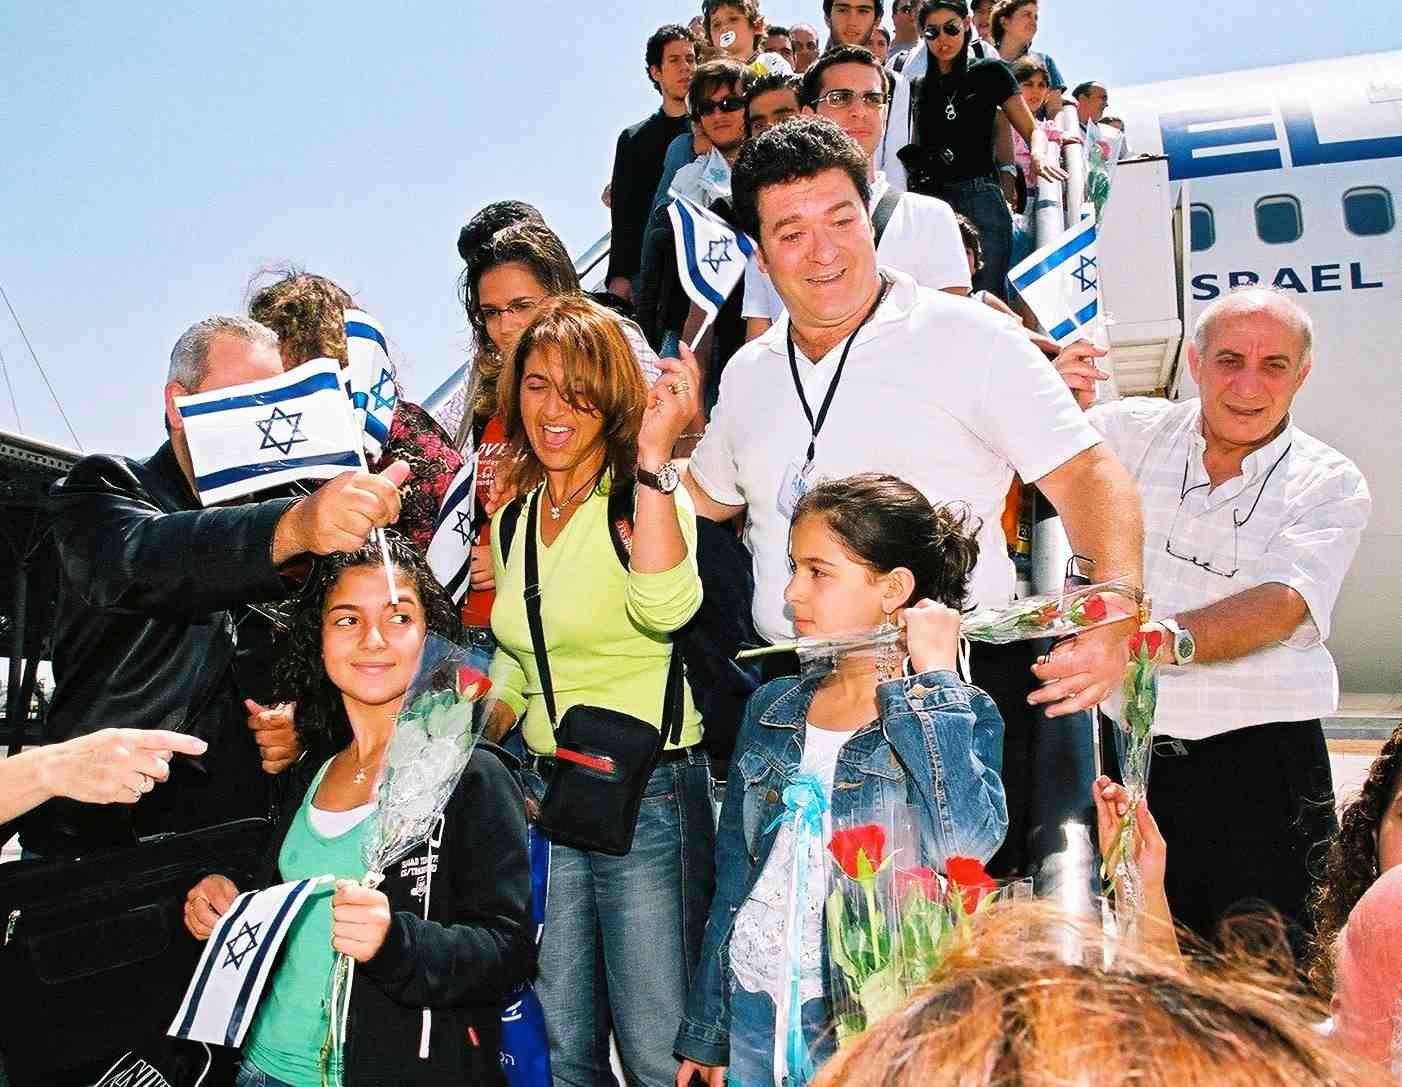 L'arrivo di immigrati dall'ex Unione Sovietica all'aeroporto Ben Gurion (fonte Fondo Nazionale per la costruzione di Israele,  Keren-Hayesod.it)